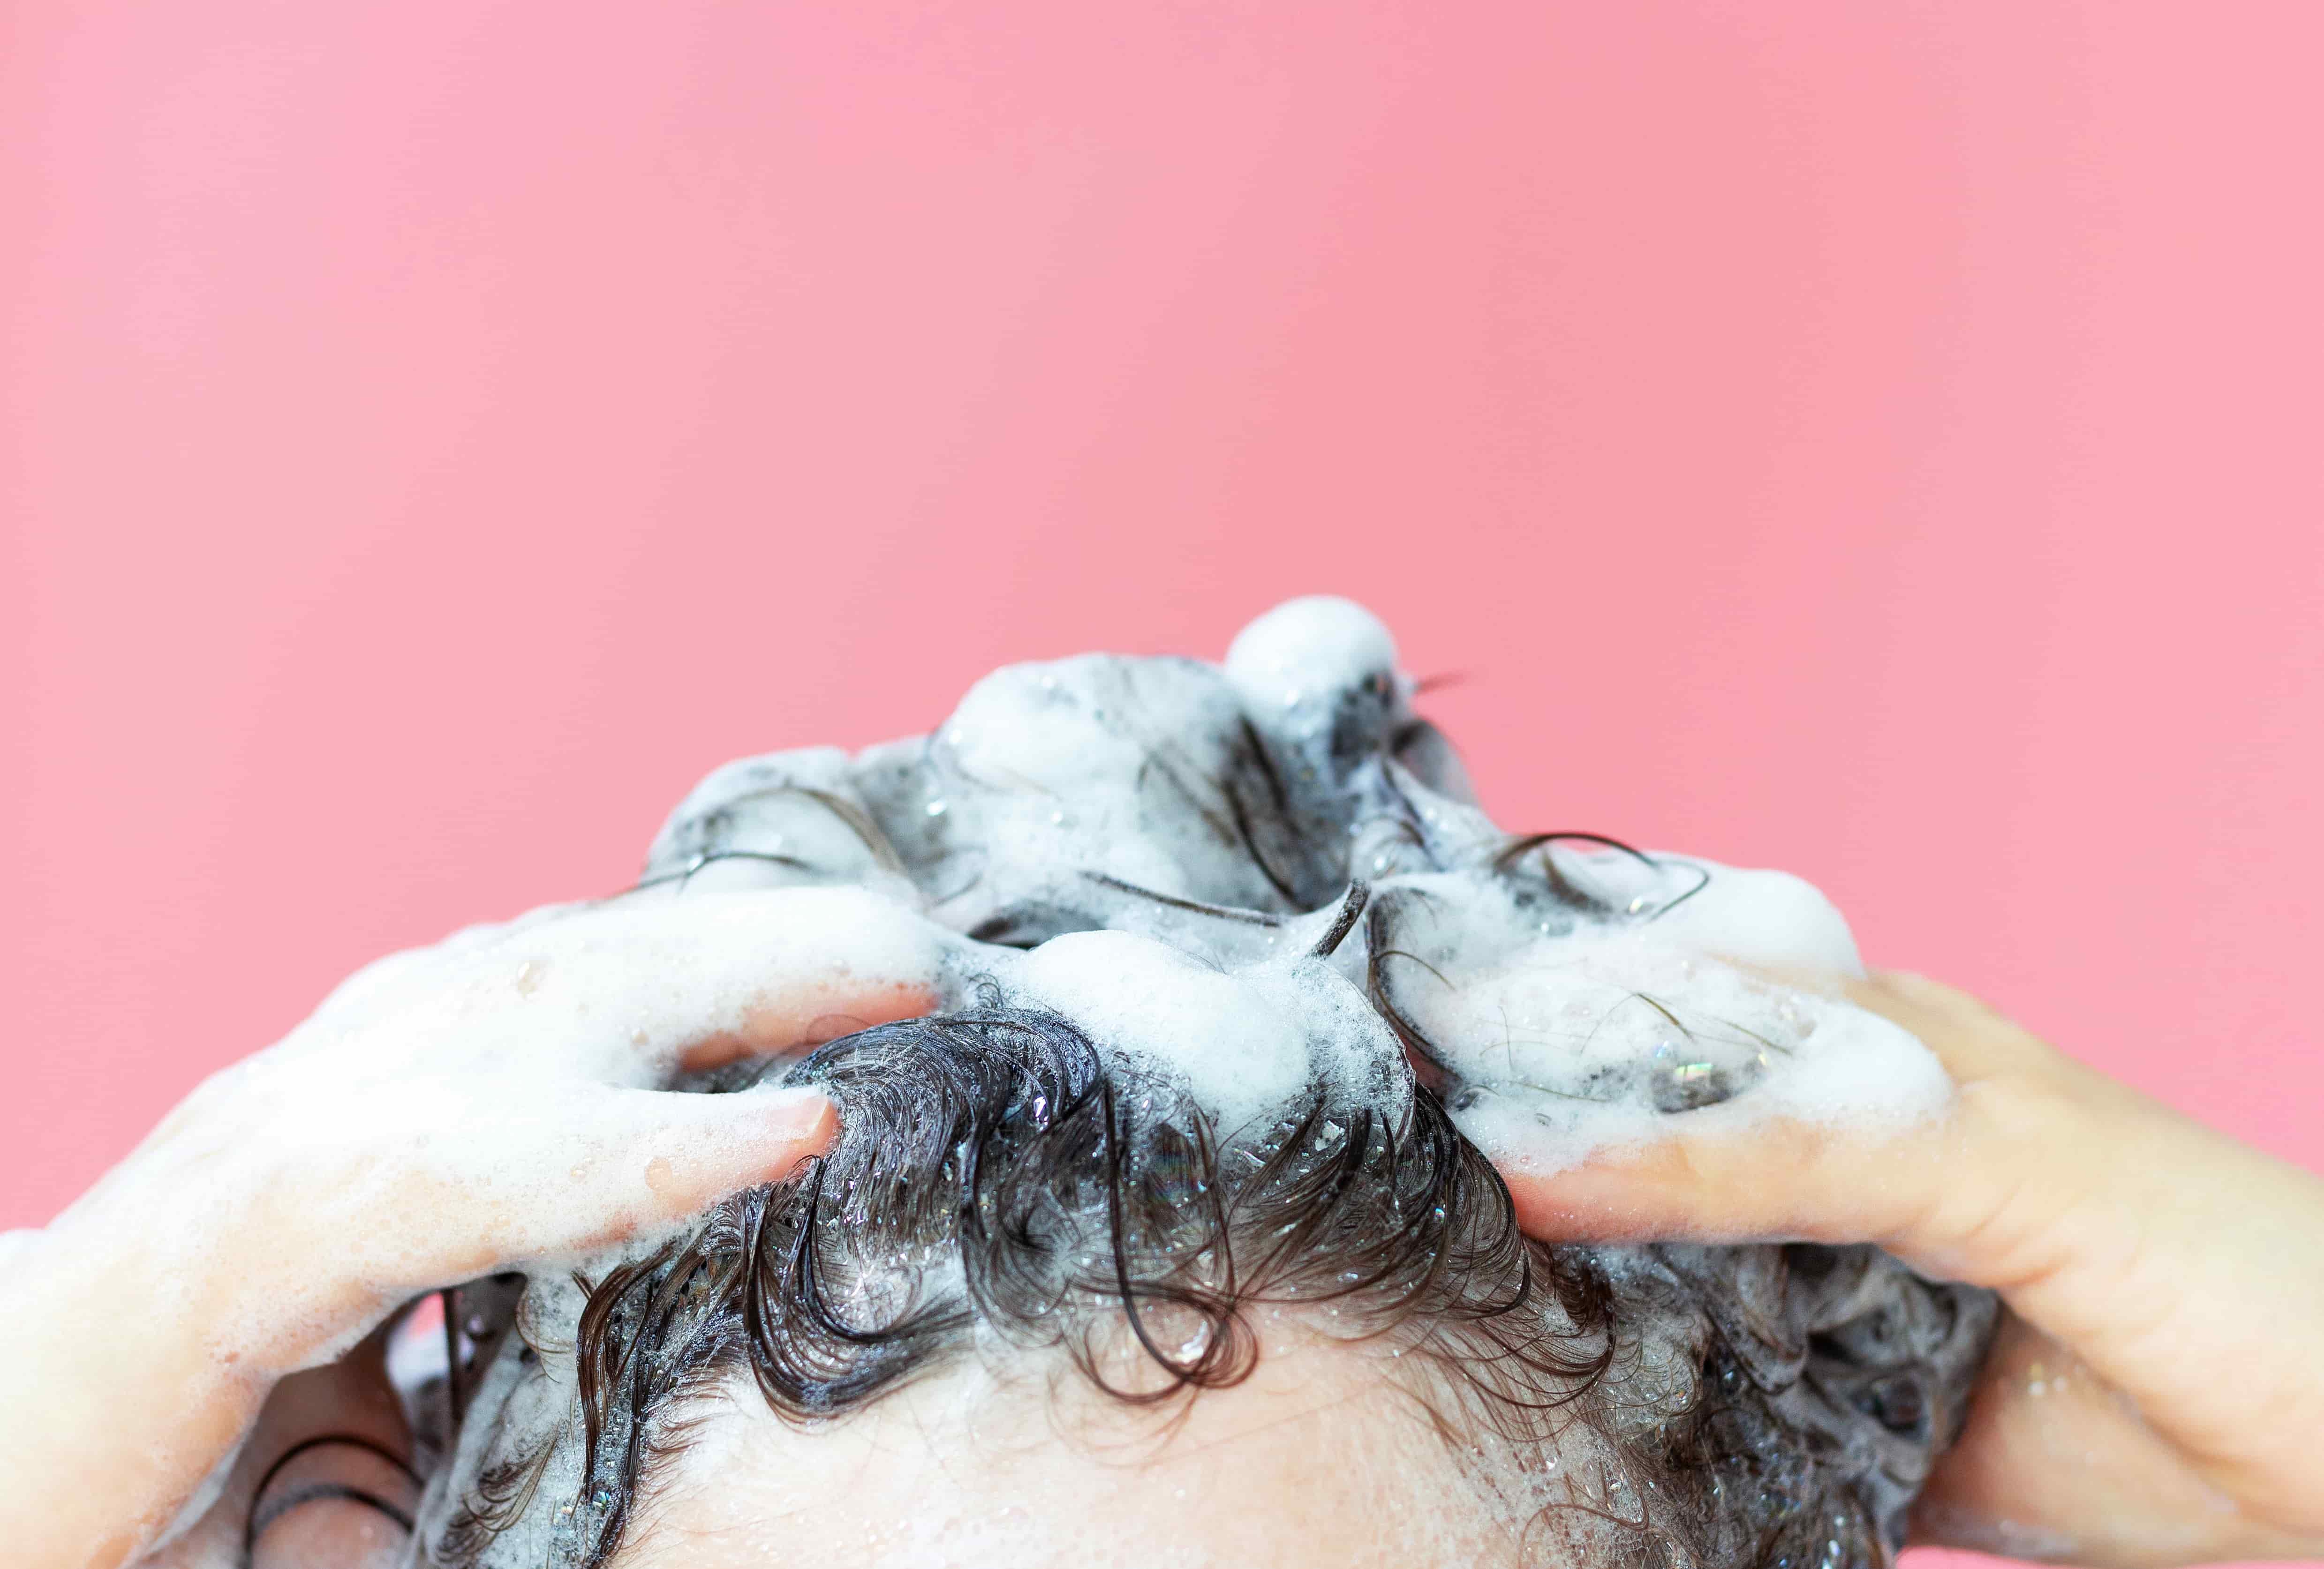 Что такое детокс - шампуни. Лучшие очищающие шампуни